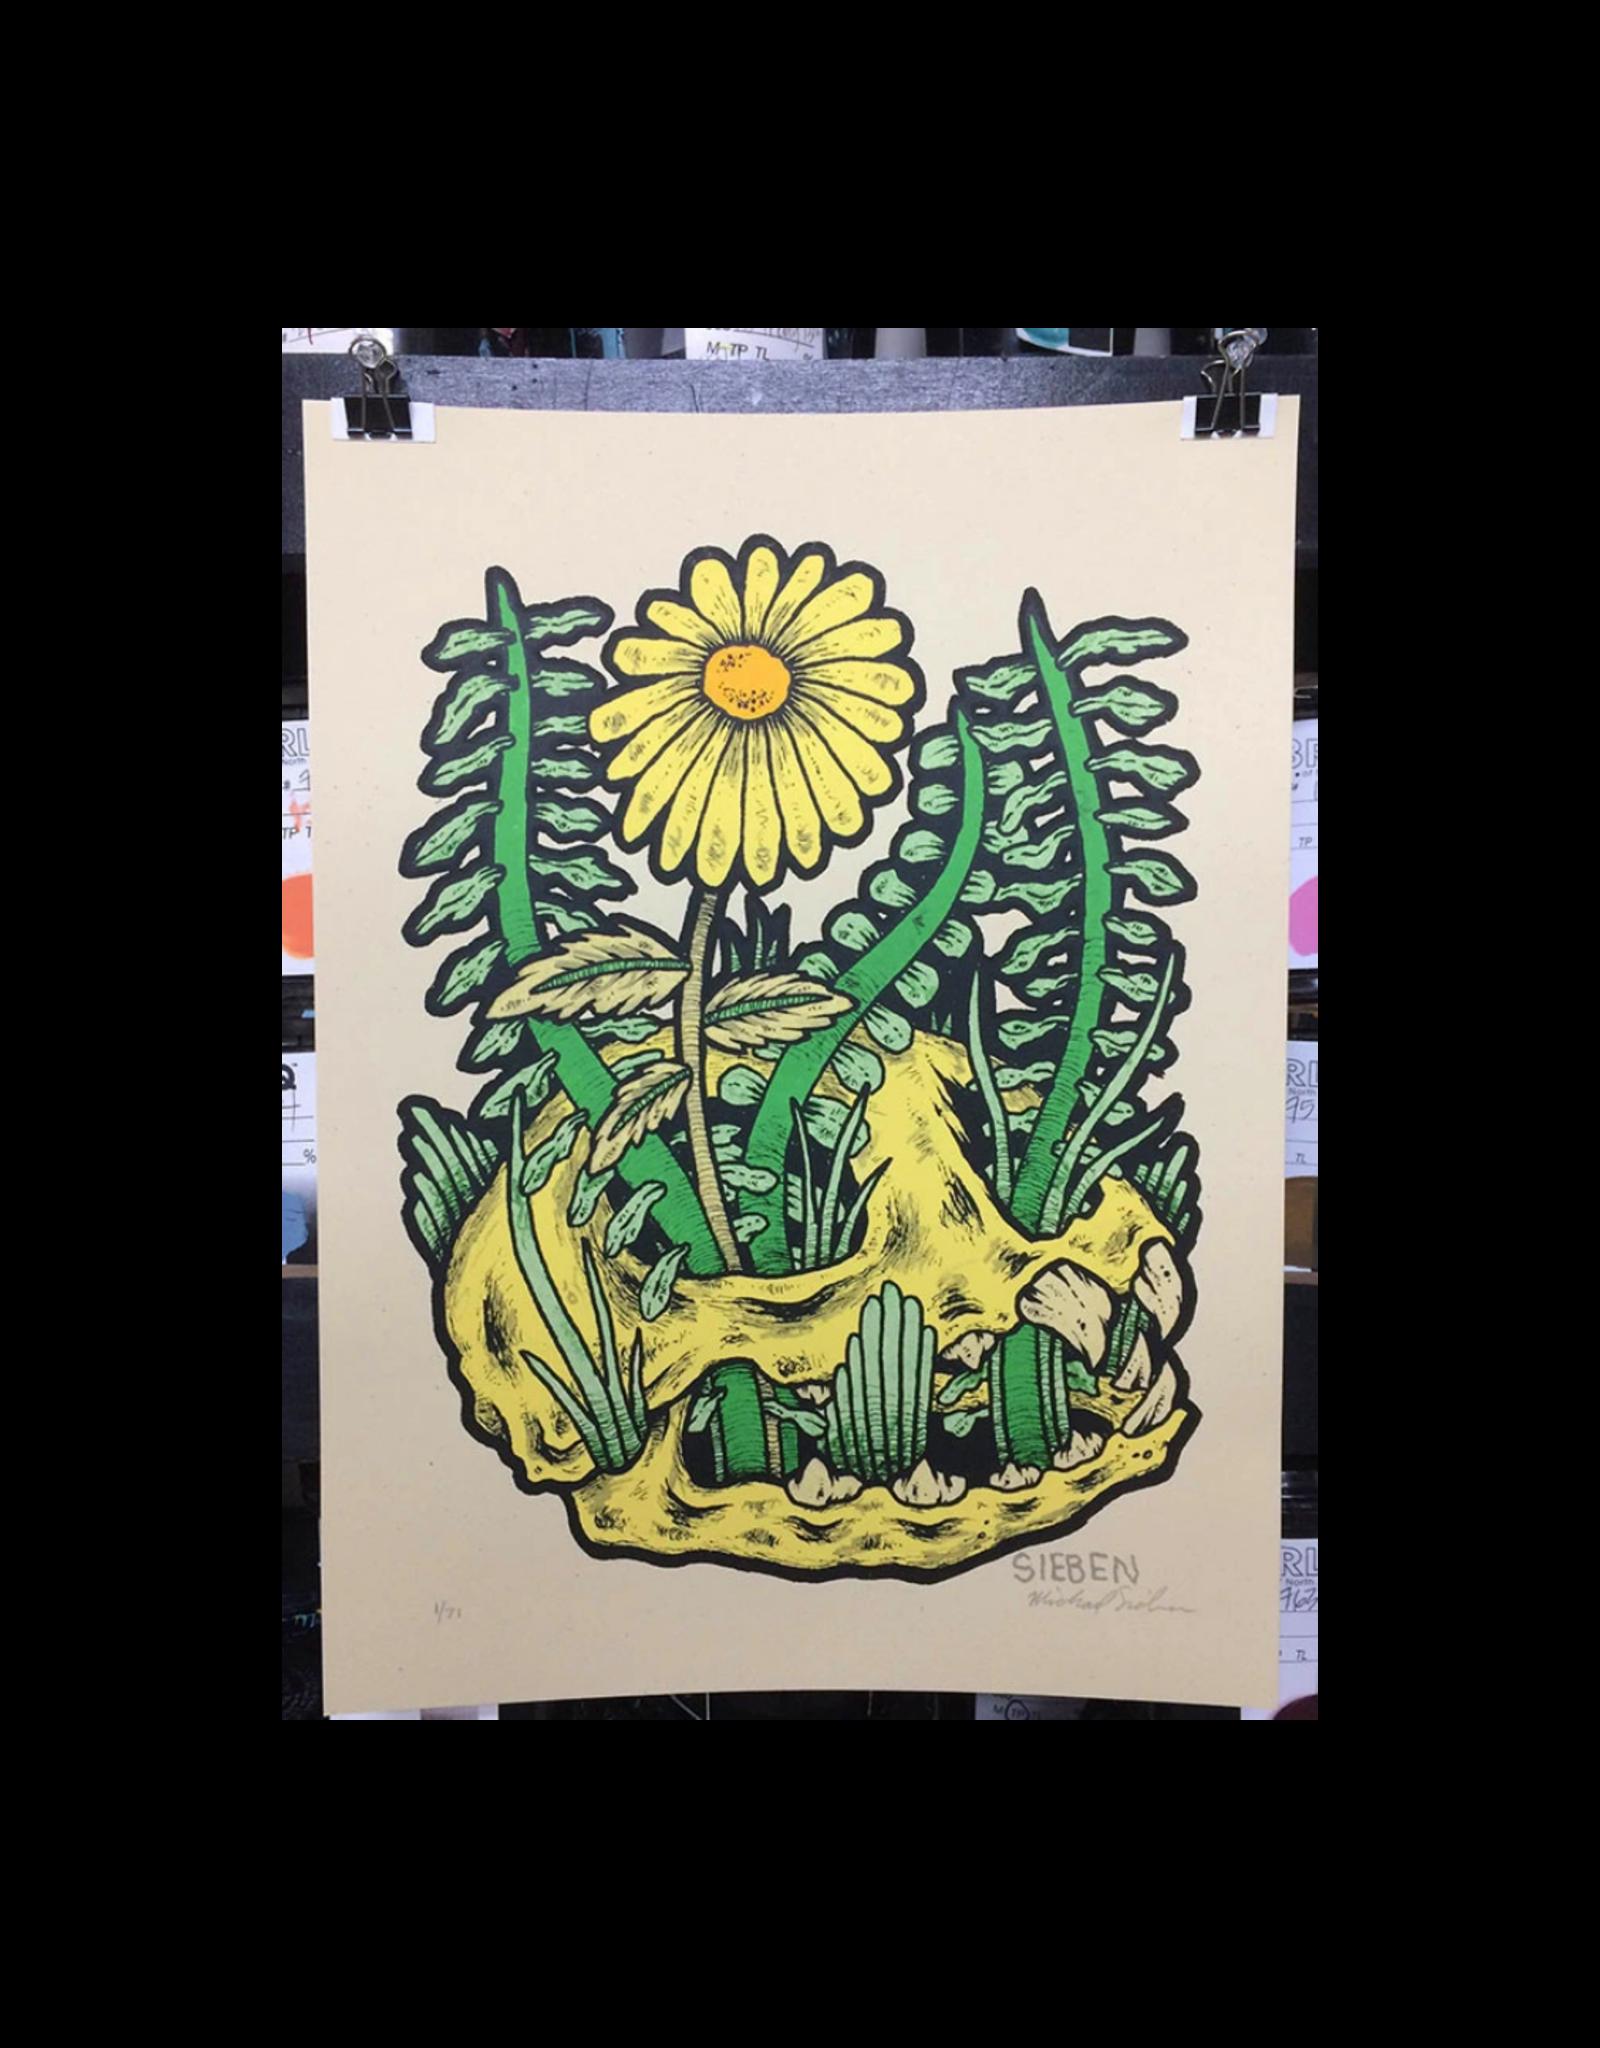 Skull Bloom by Michael Sieben Print